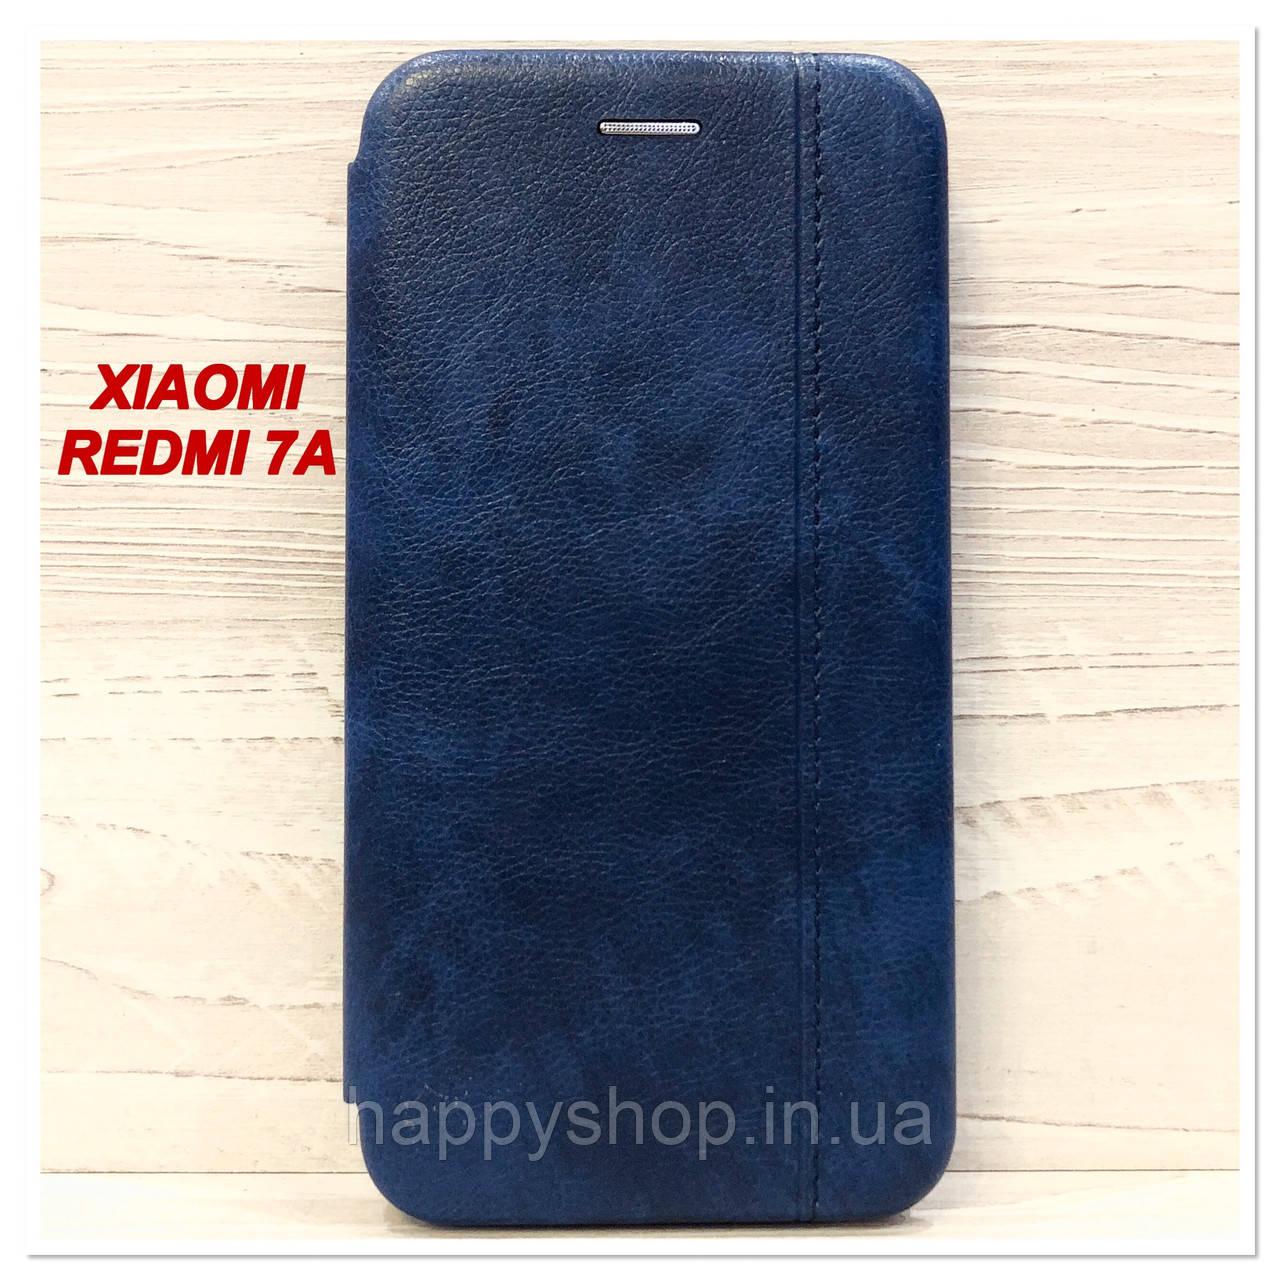 Чохол-книжка Gelius Leather для Xiaomi Redmi 7a (Синій)